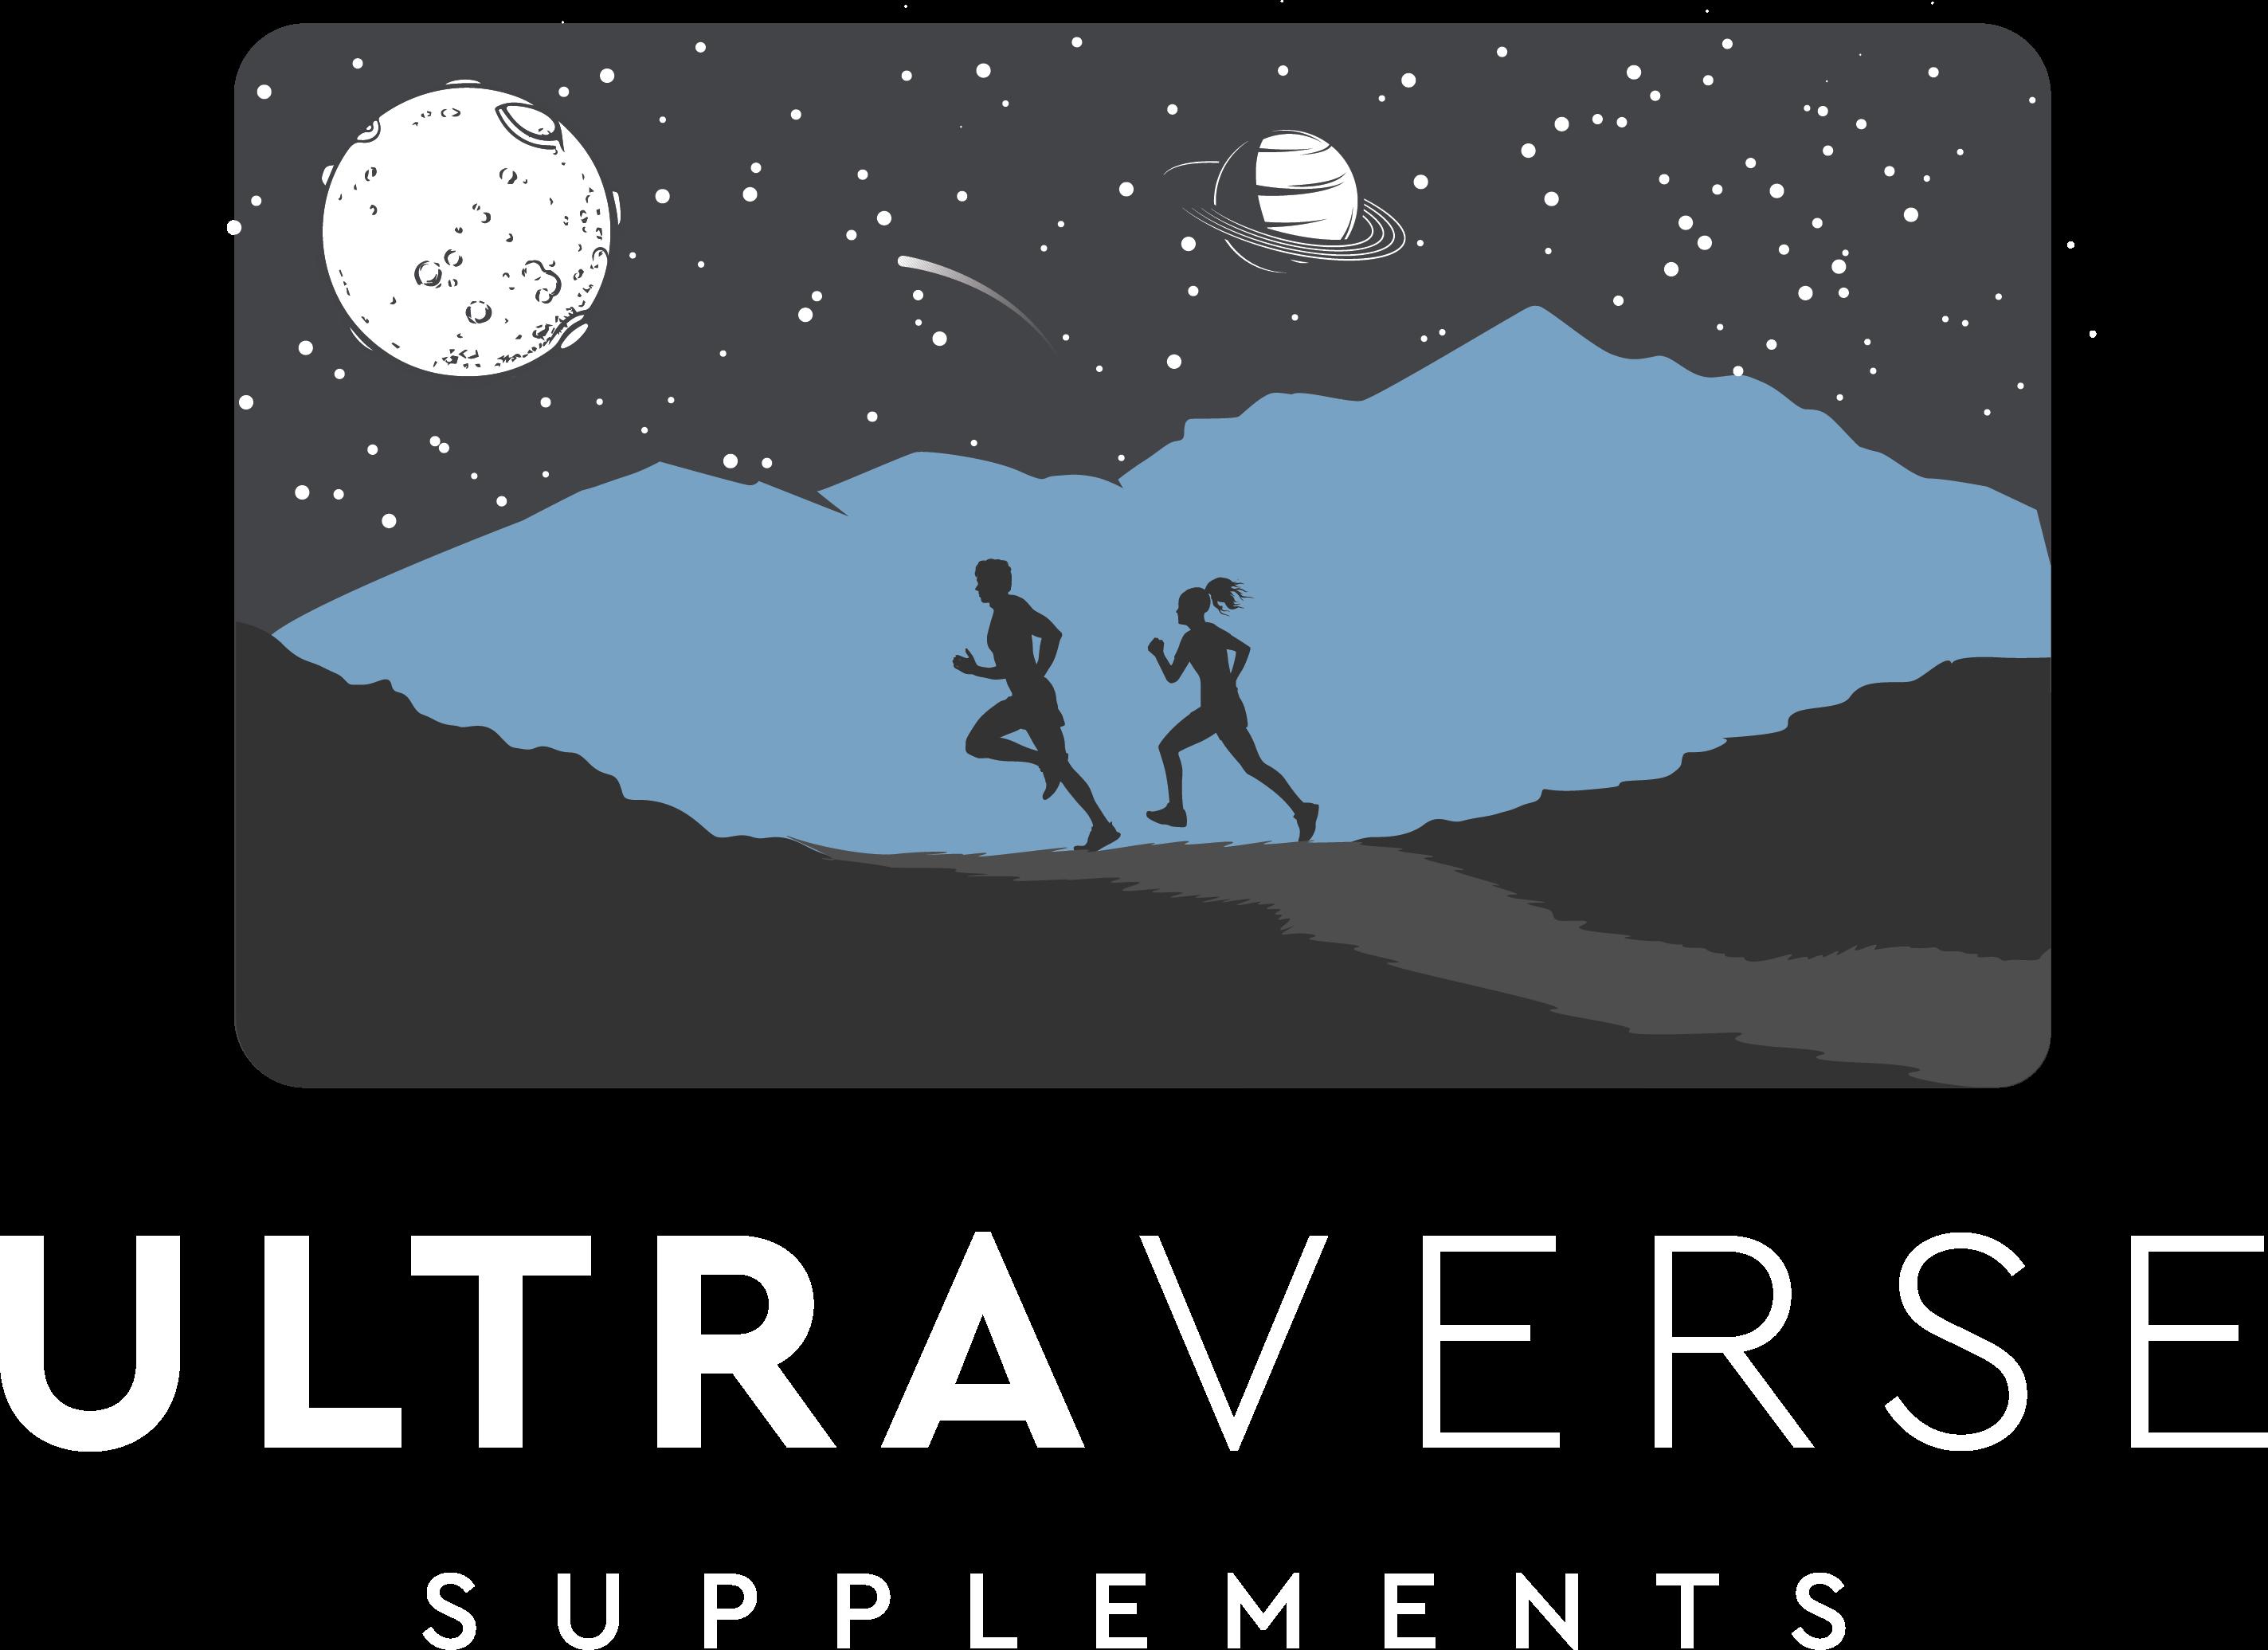 Ultraverse Supplements